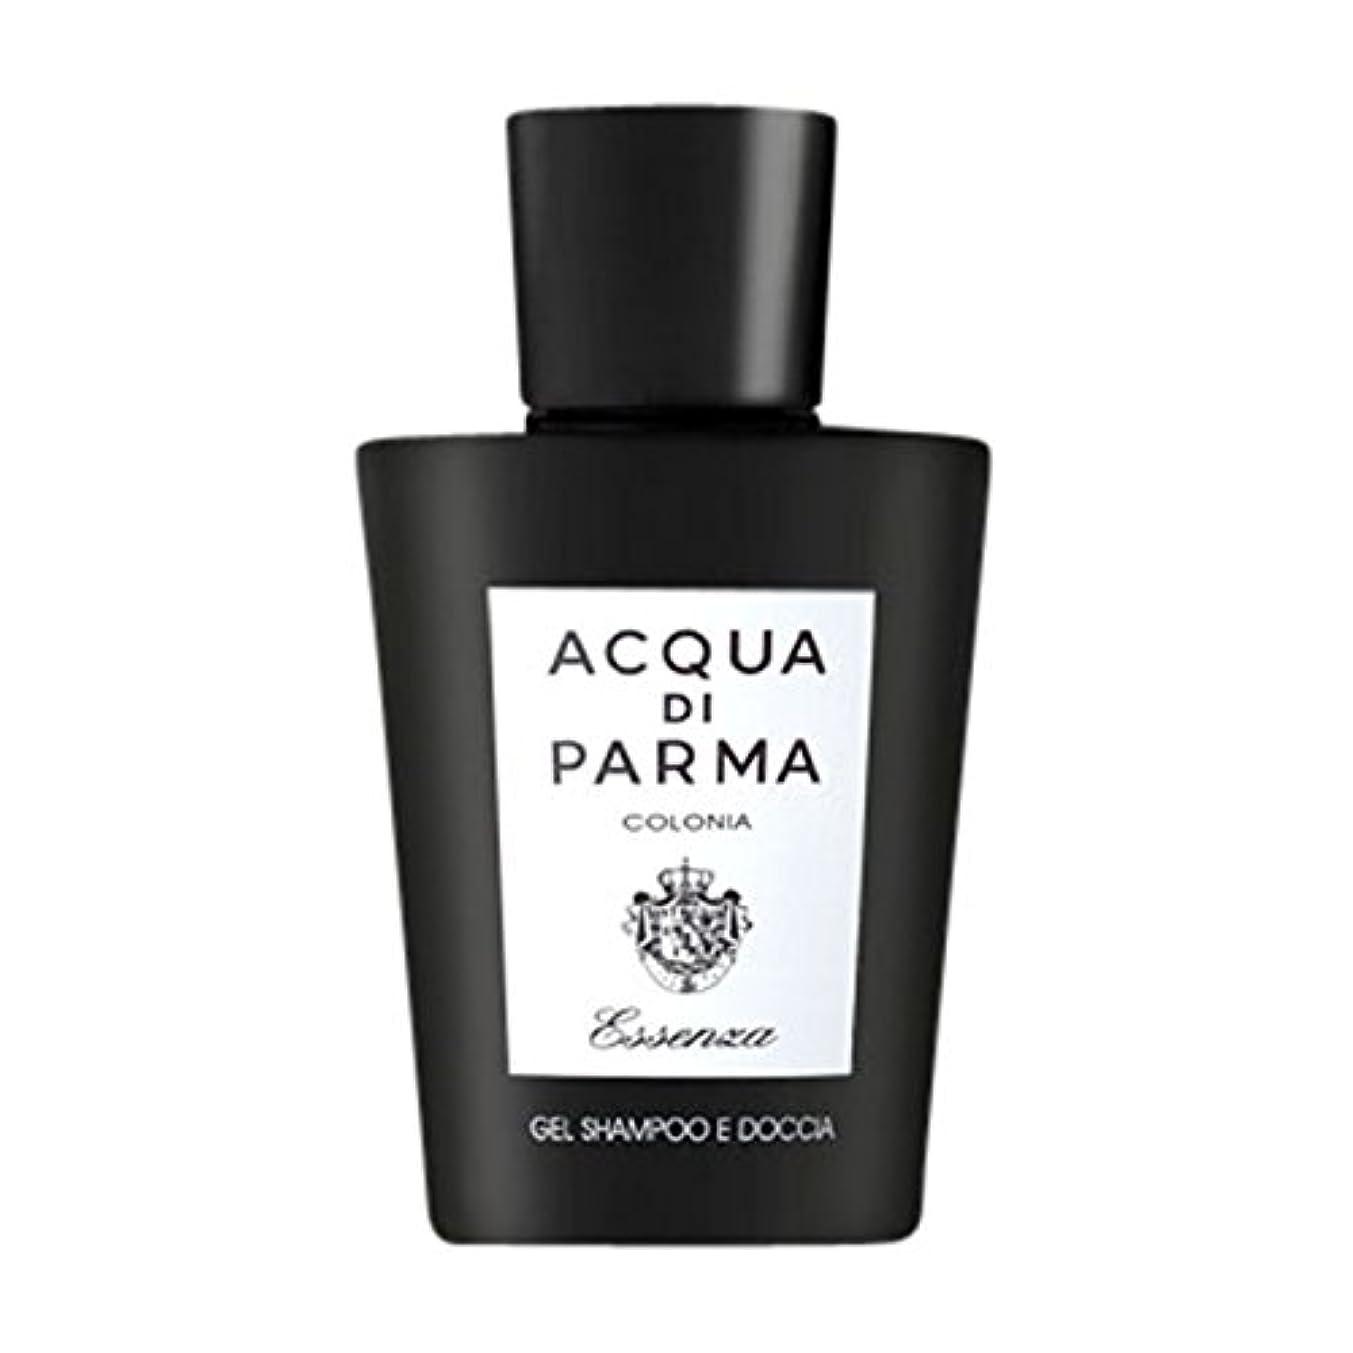 トマトキャロライン物理学者アクアディパルマコロニアEssenza髪とシャワージェル200ミリリットル (Acqua di Parma) - Acqua di Parma Colonia Essenza Hair and Shower Gel 200ml...